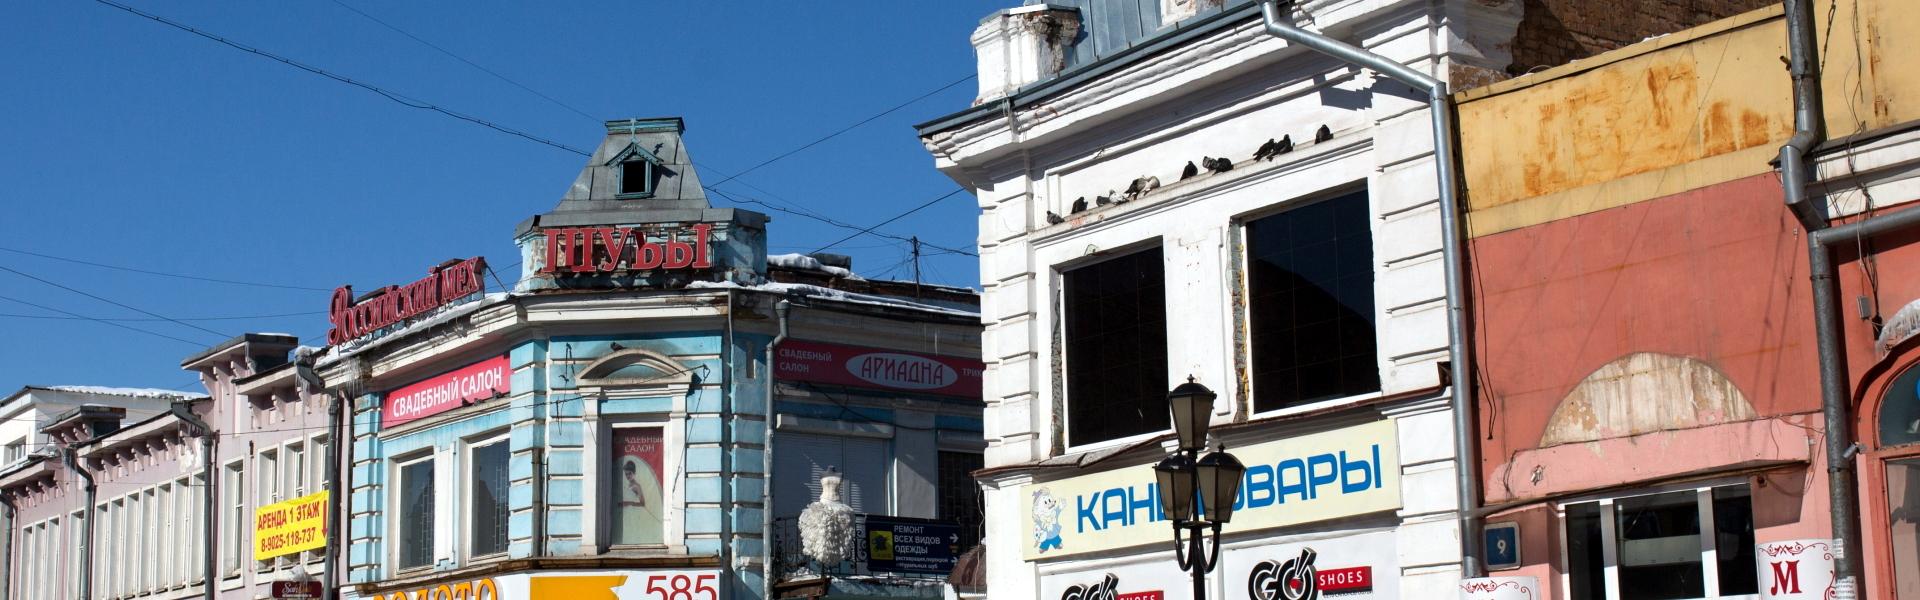 Пассаж Юцисов на Пестеревской